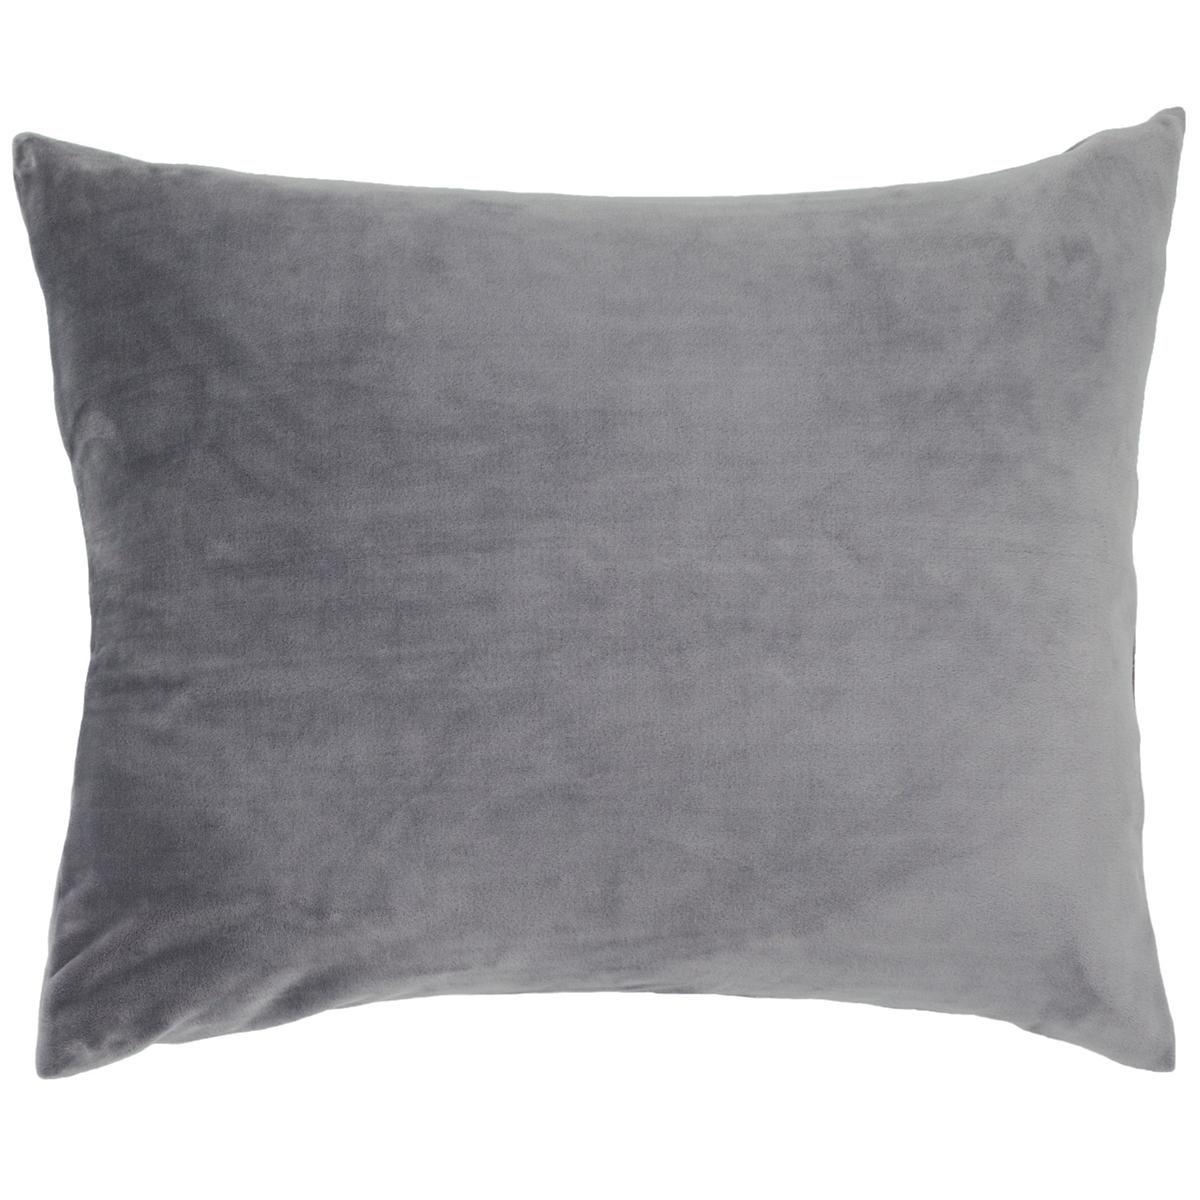 Selke Fleece Greylac Decorative Pillow